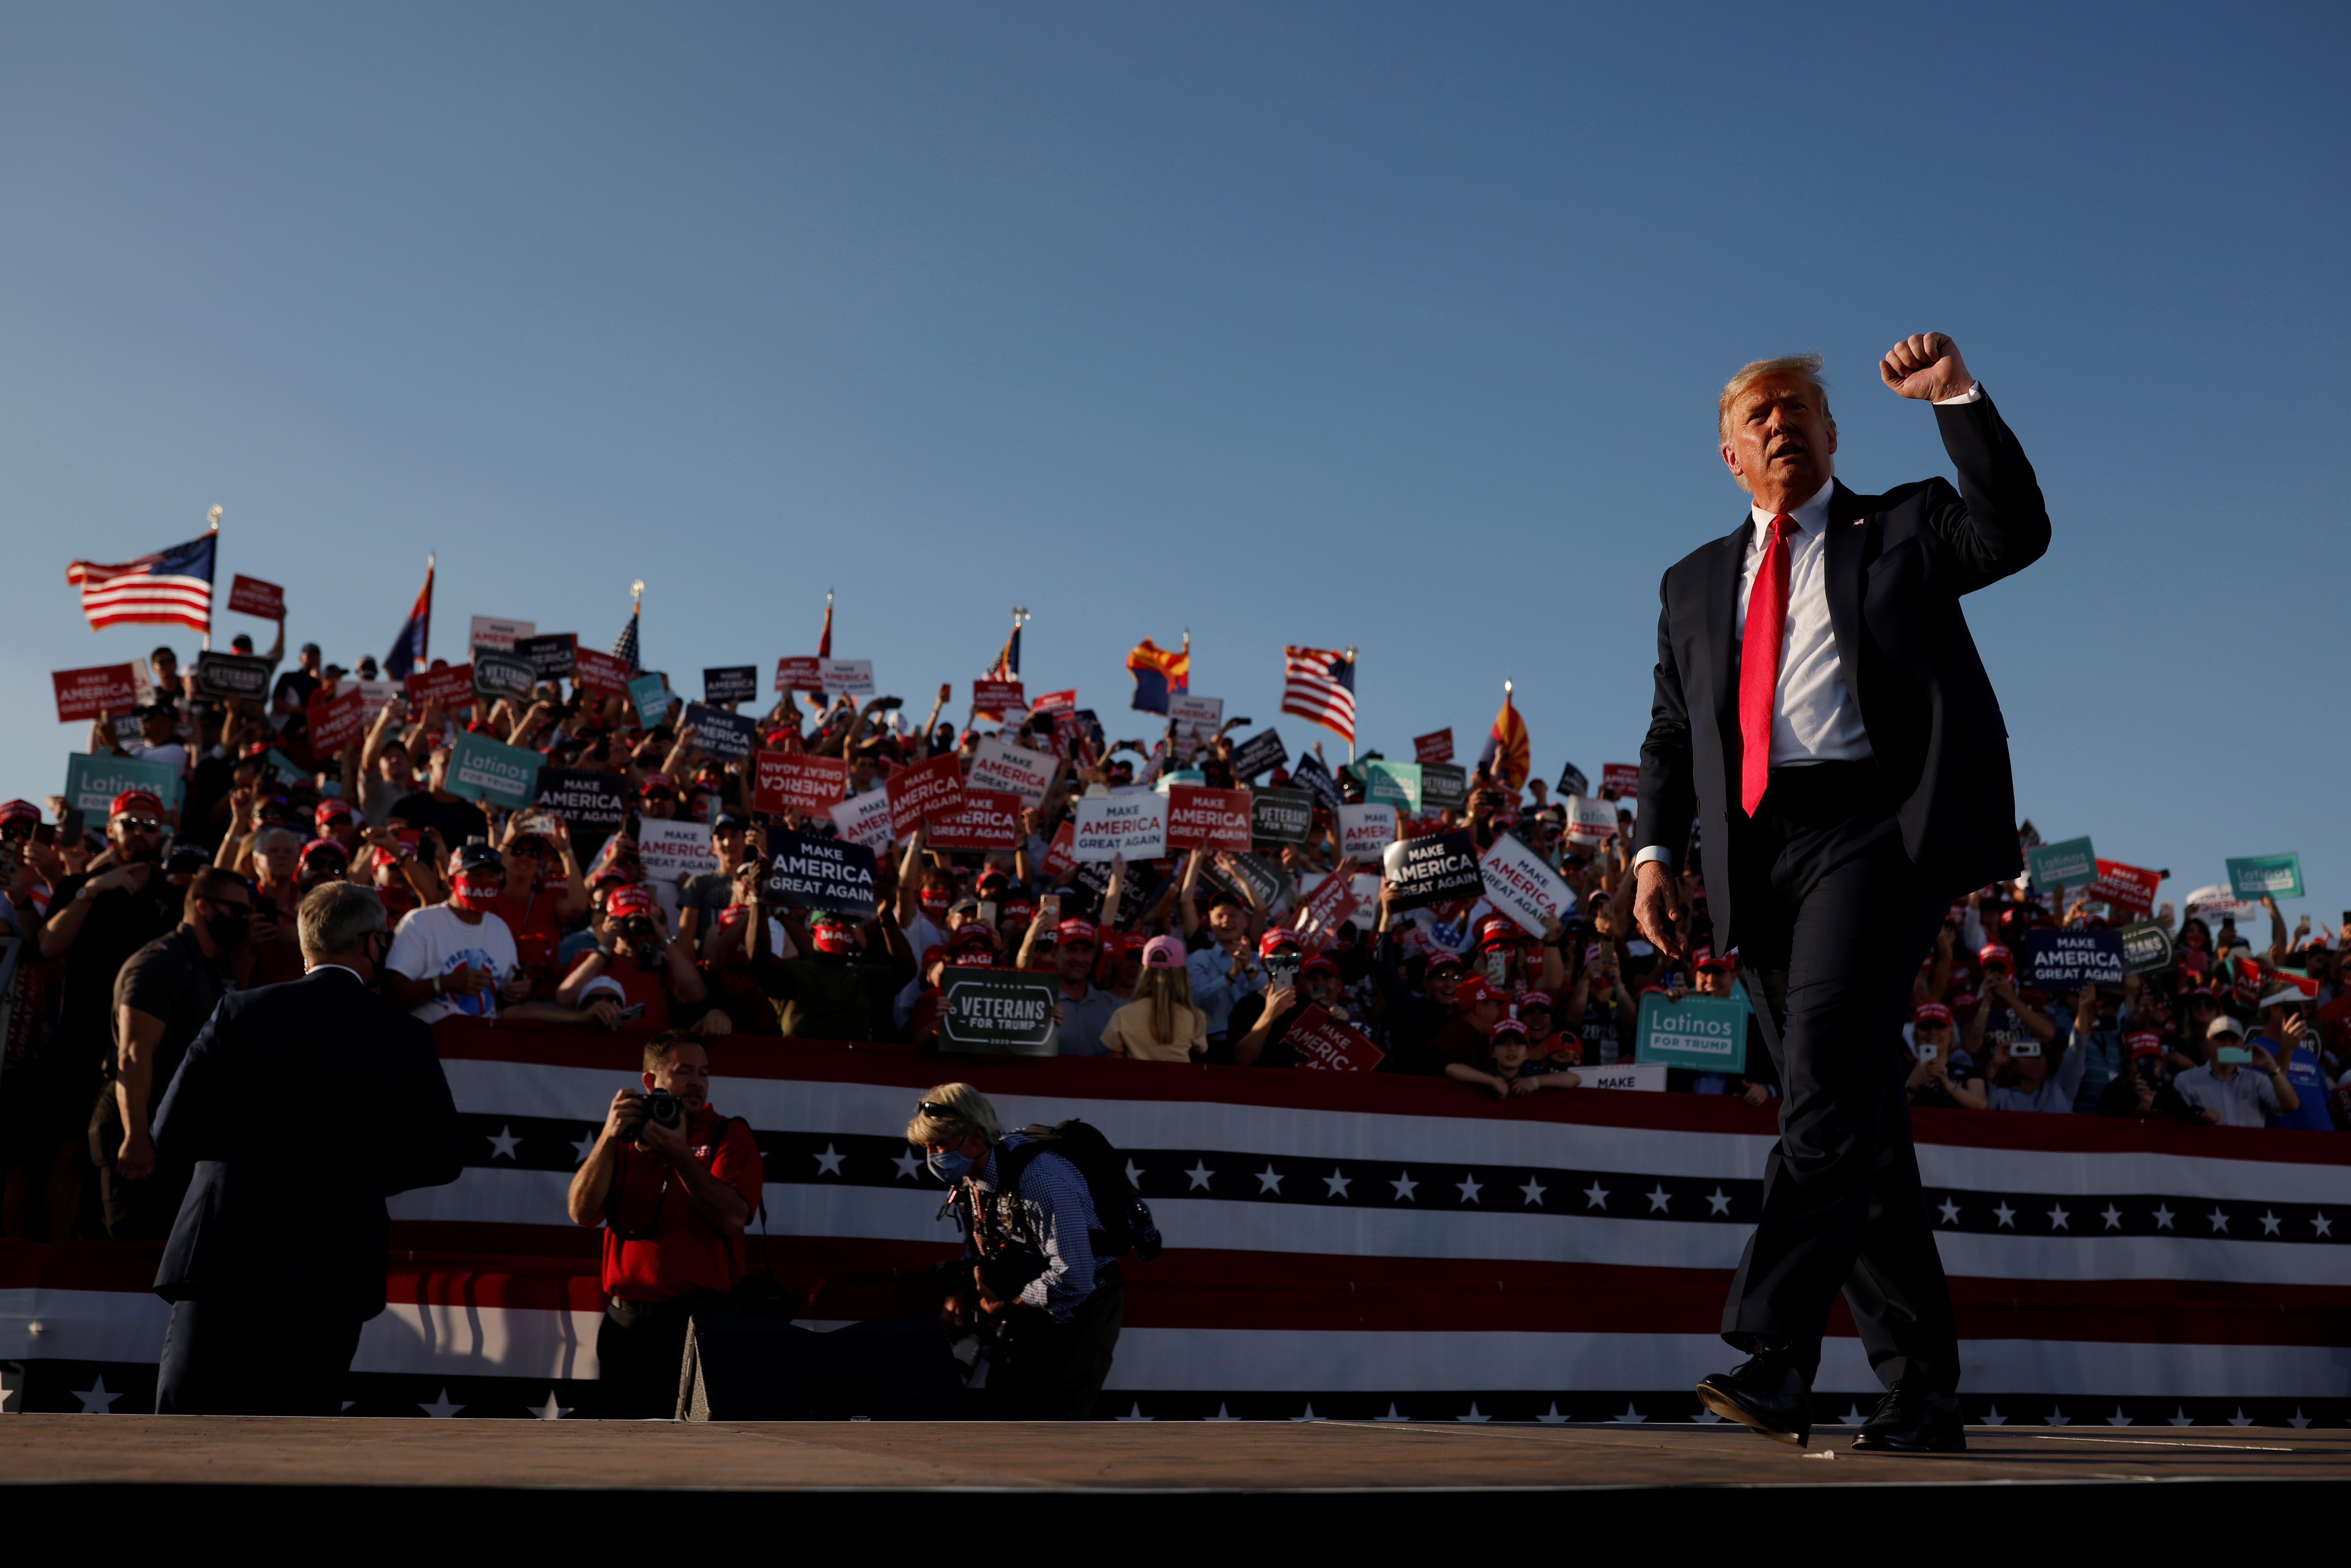 Ο πρόεδρος των ΗΠΑ Ντόναλντ Τραμπ σε προεκλογική συγκέντρωση